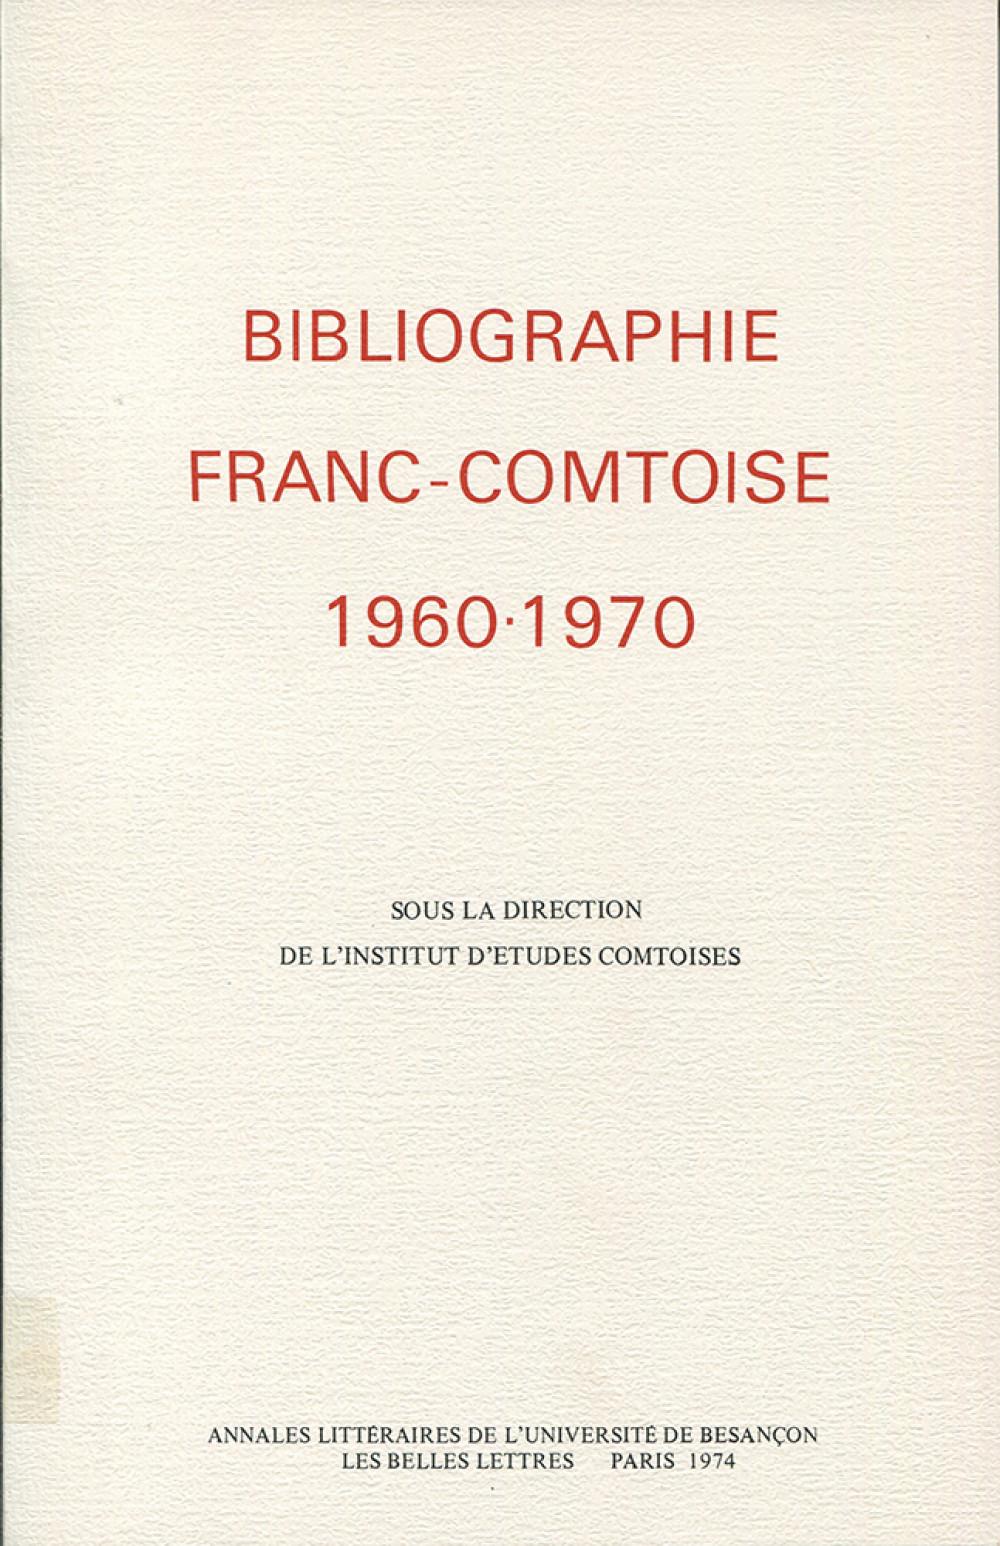 Bibliographie franc-comtoise 1960-1970